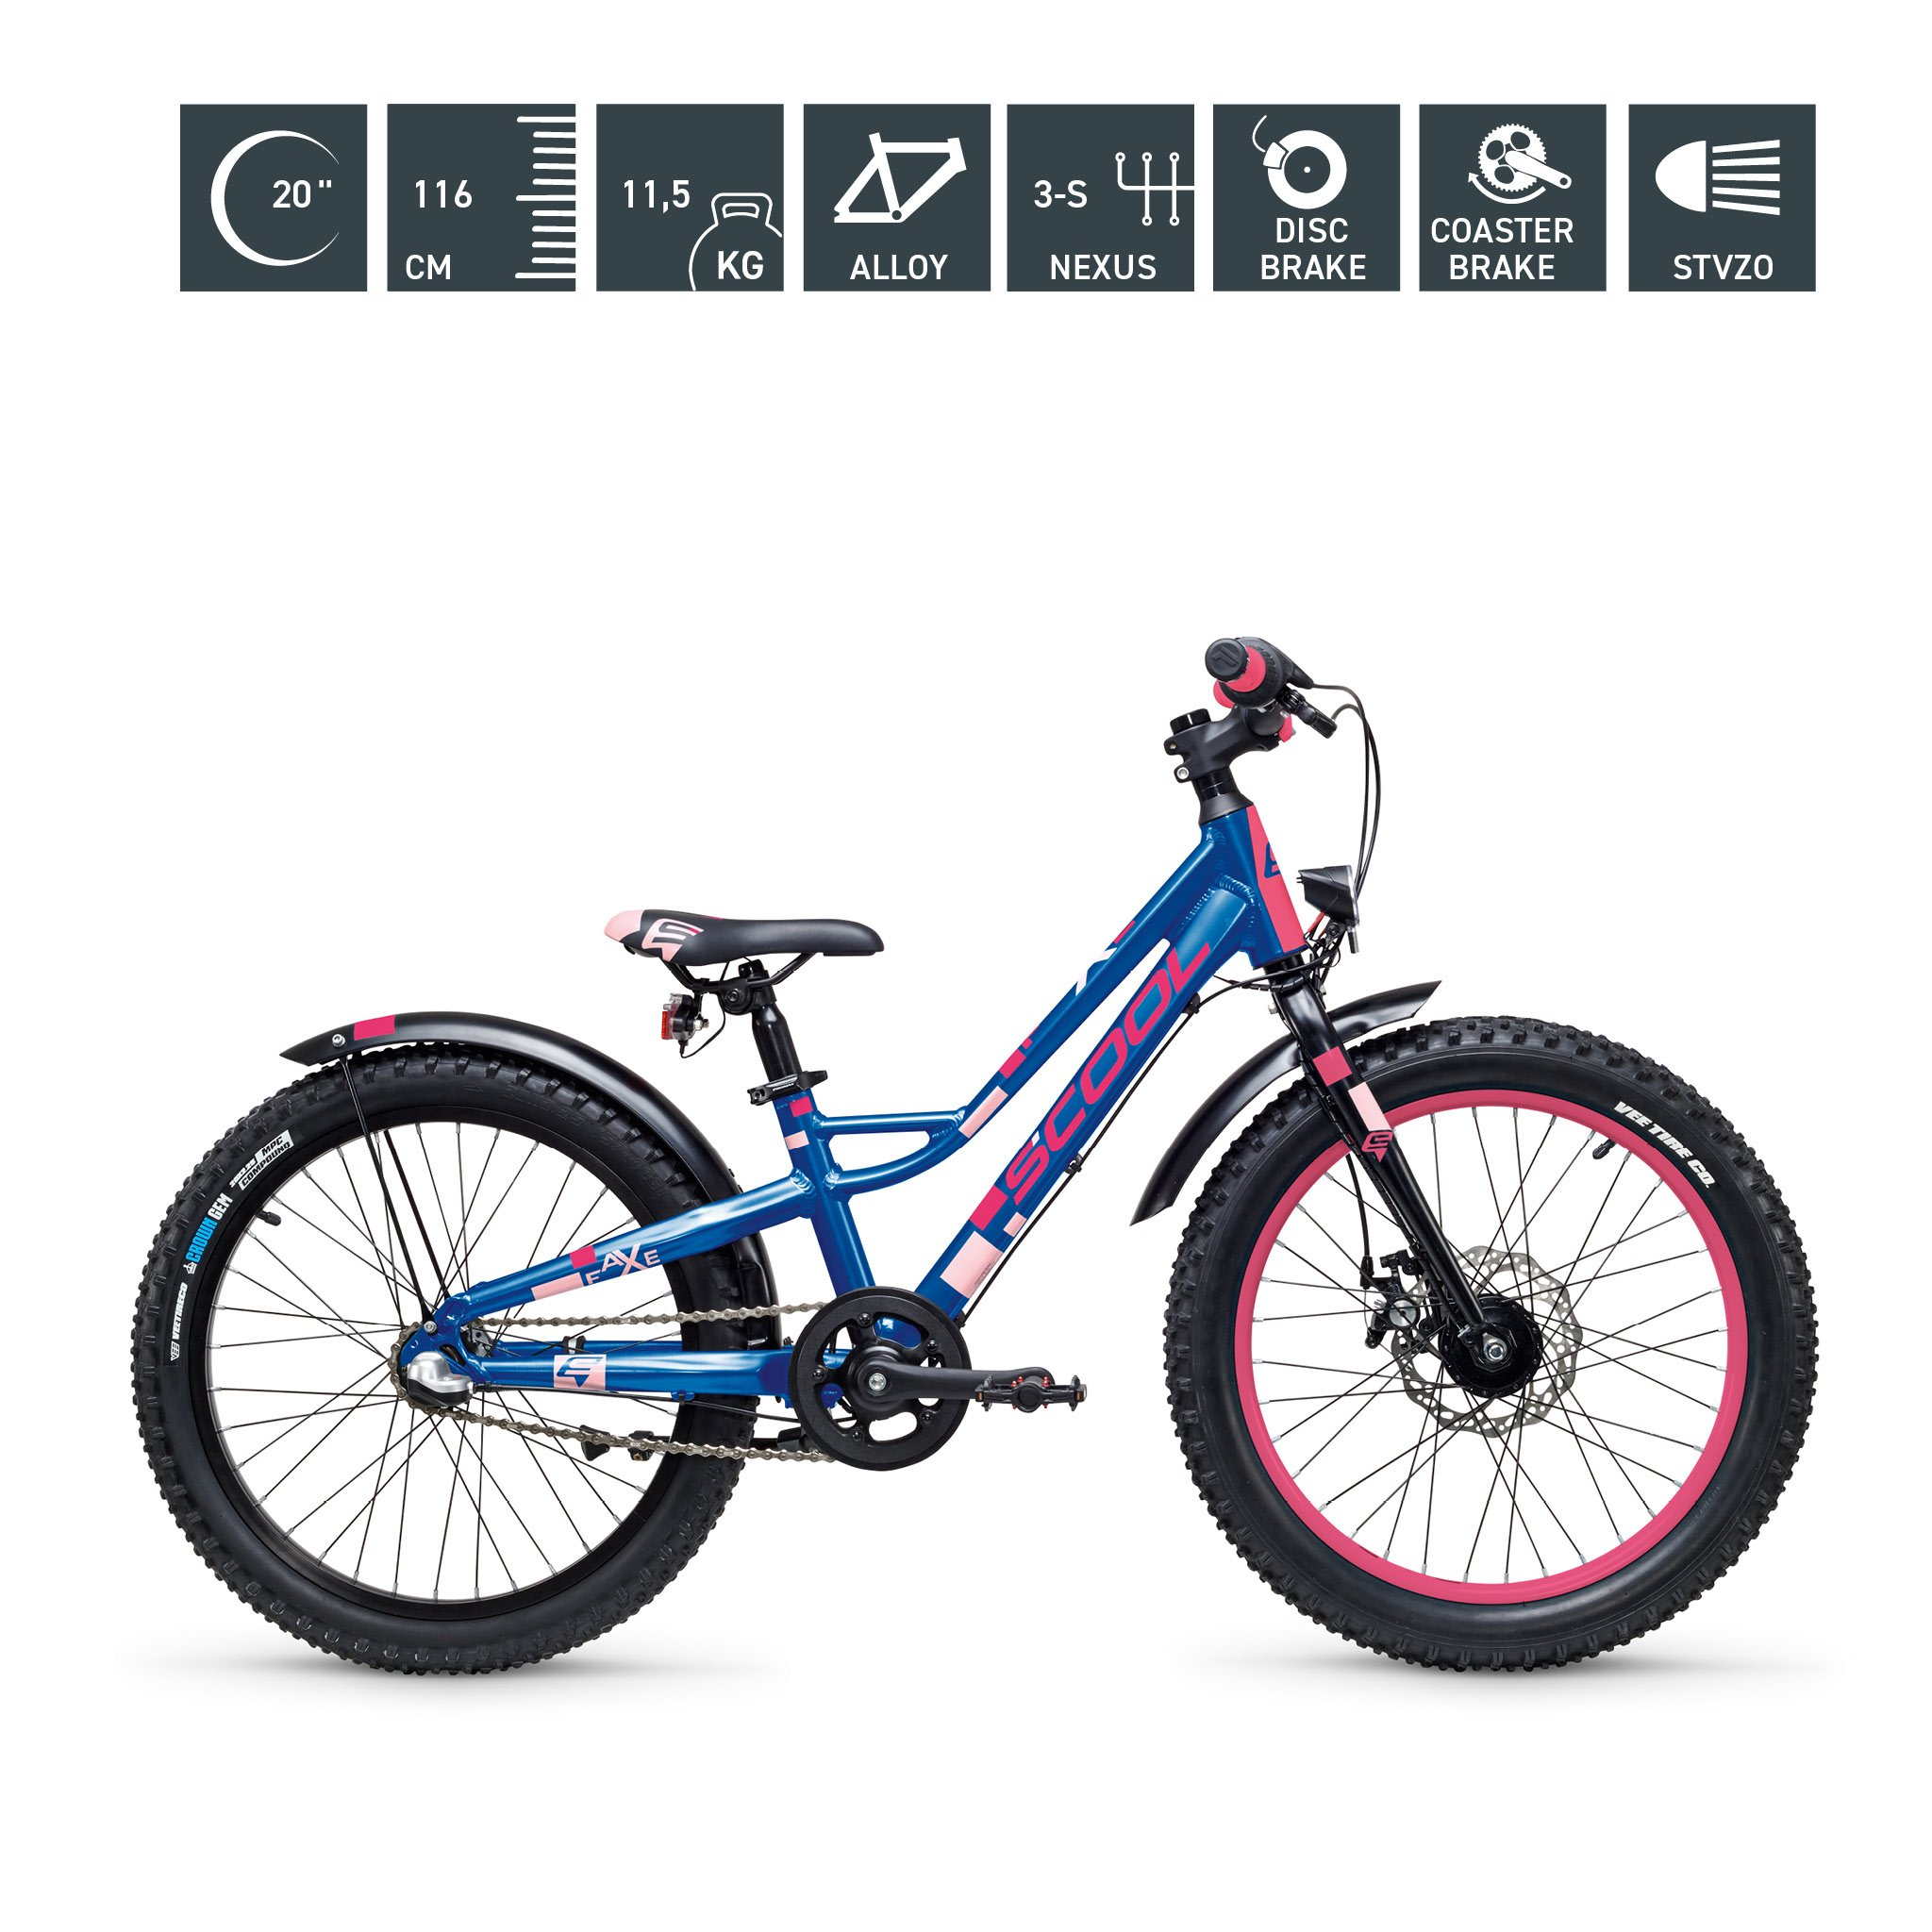 S'COOL faXe 20 Zoll 3-Gang blue-pink-matt